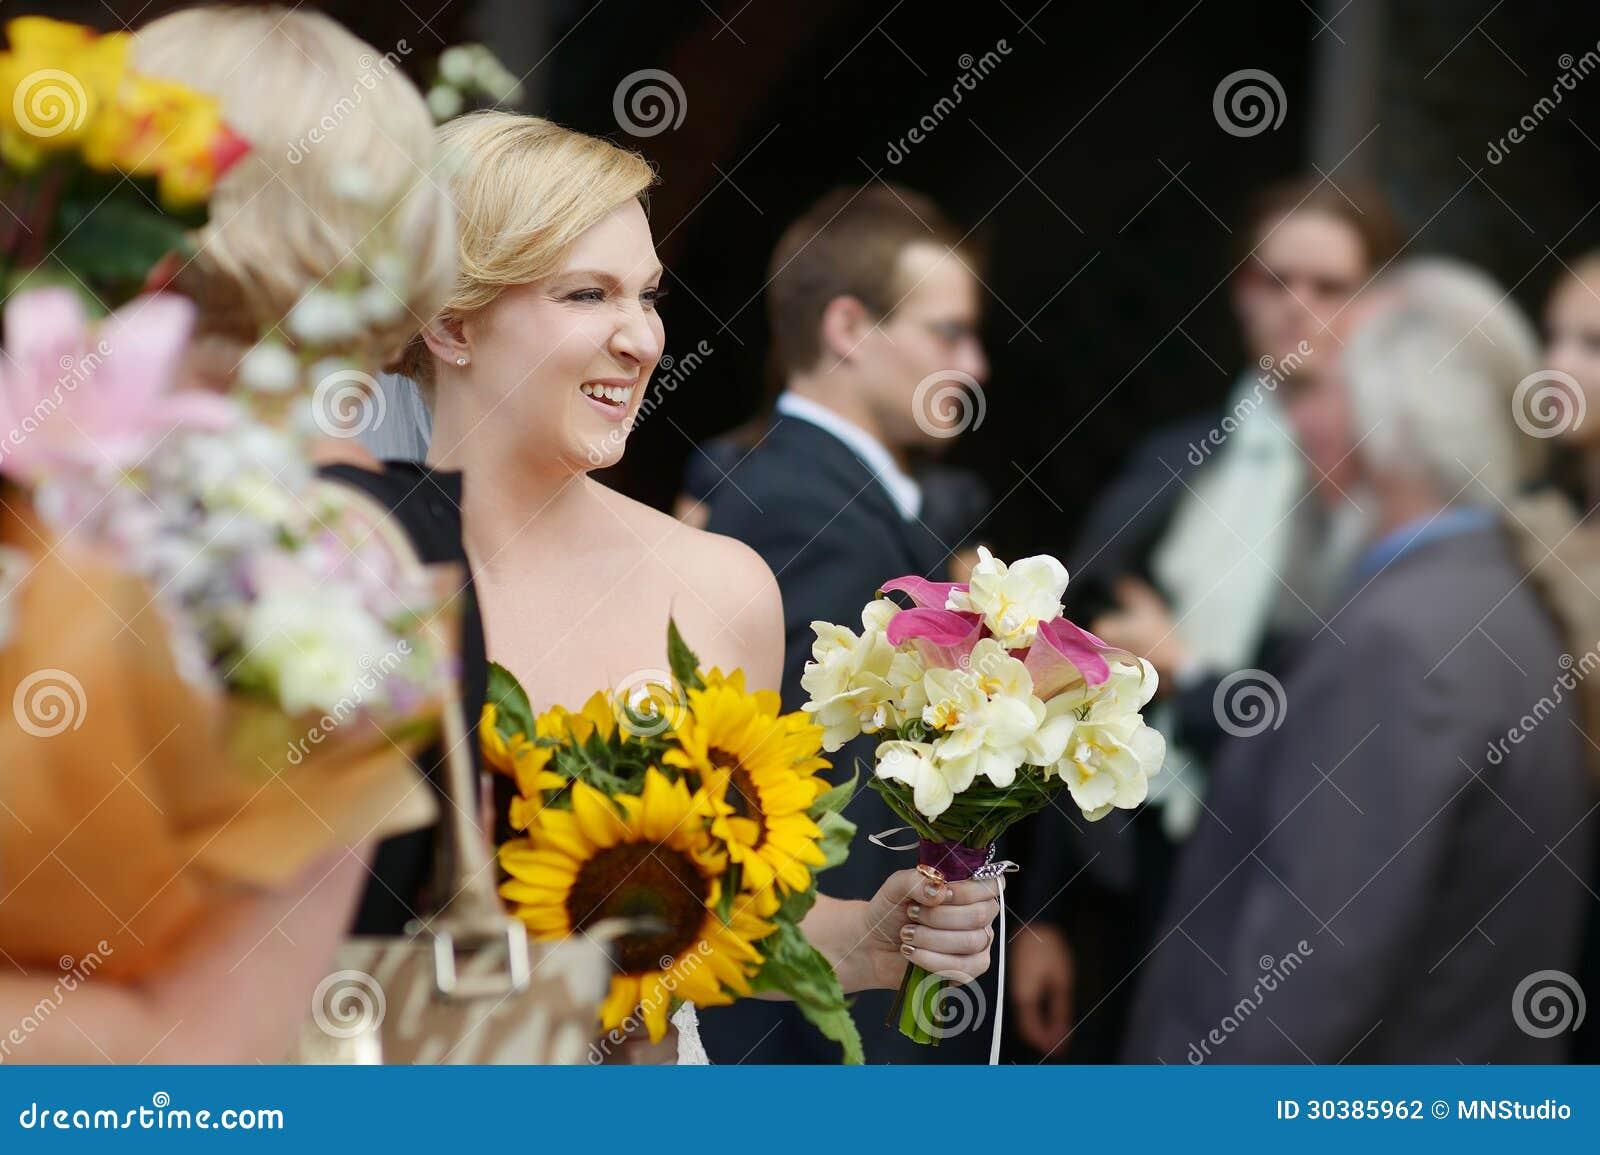 отводит тост от жениха с невестой для гостей три вида